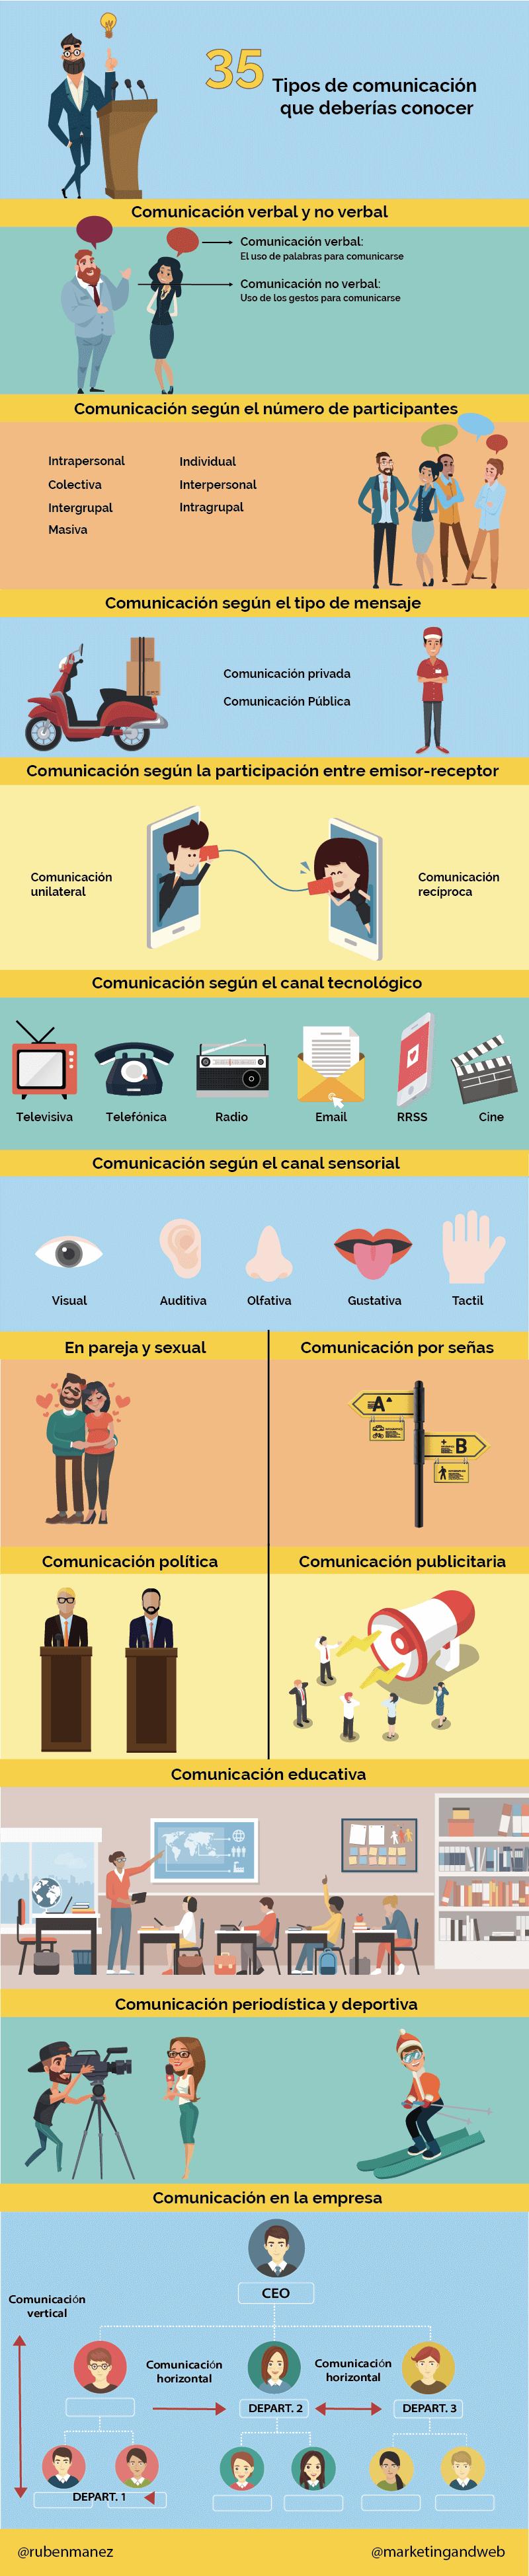 infografía tipos de comunicación